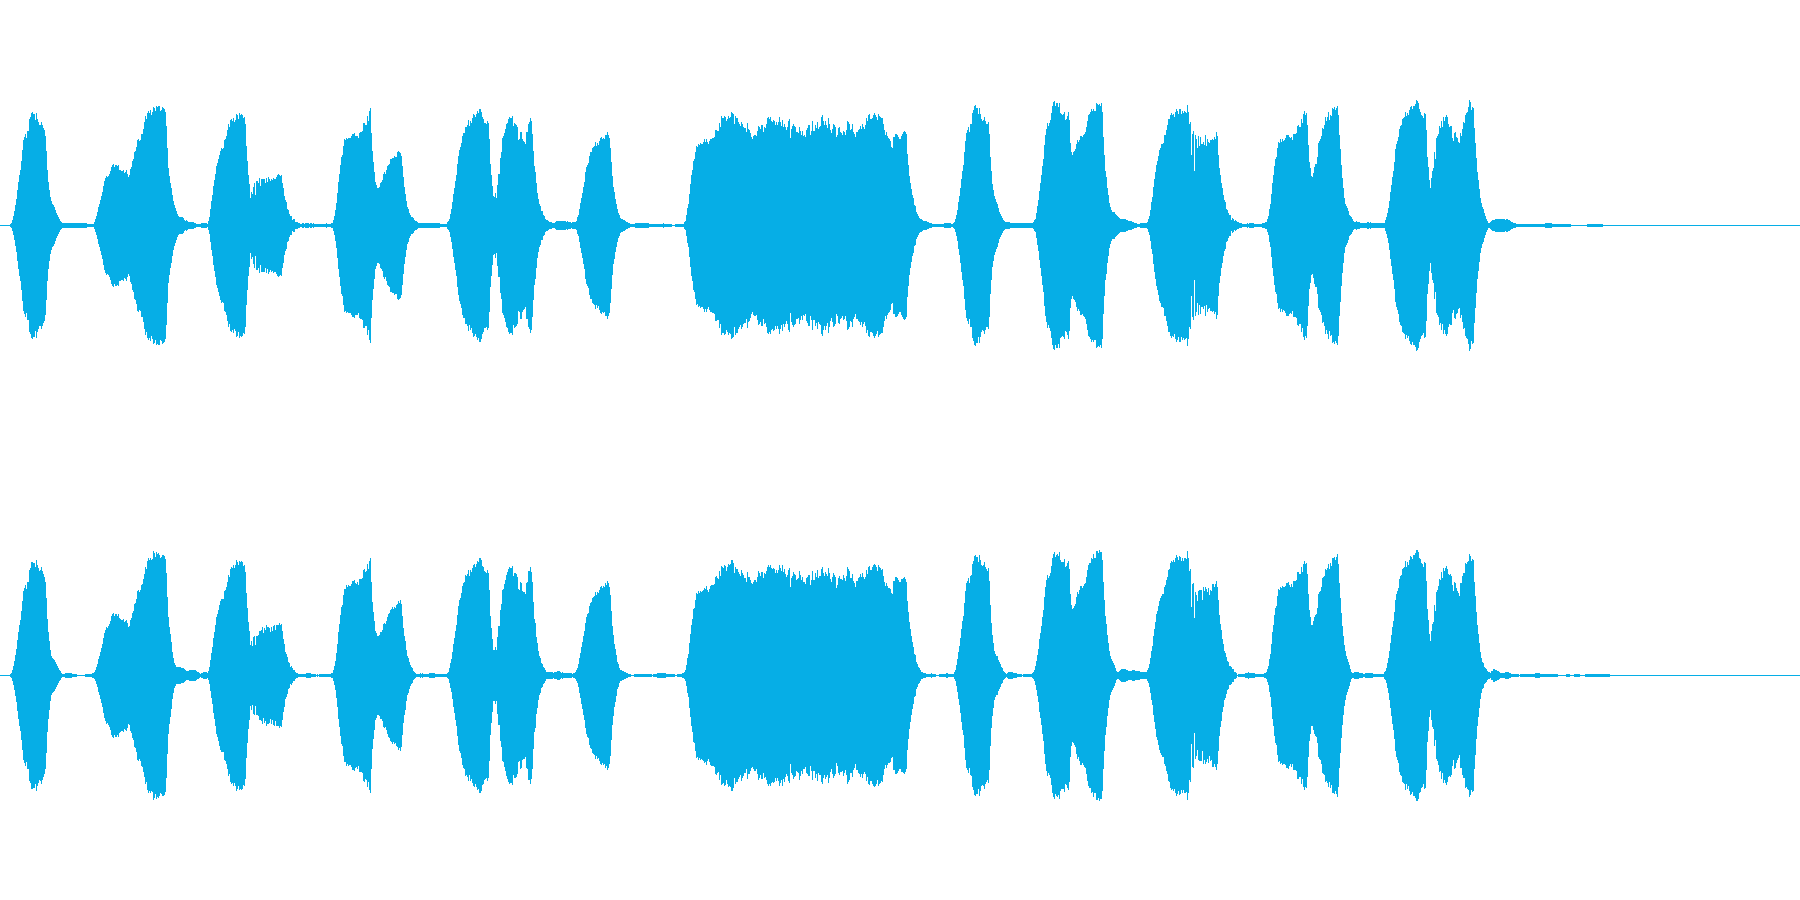 ジングル 口笛 軽快 元気の再生済みの波形